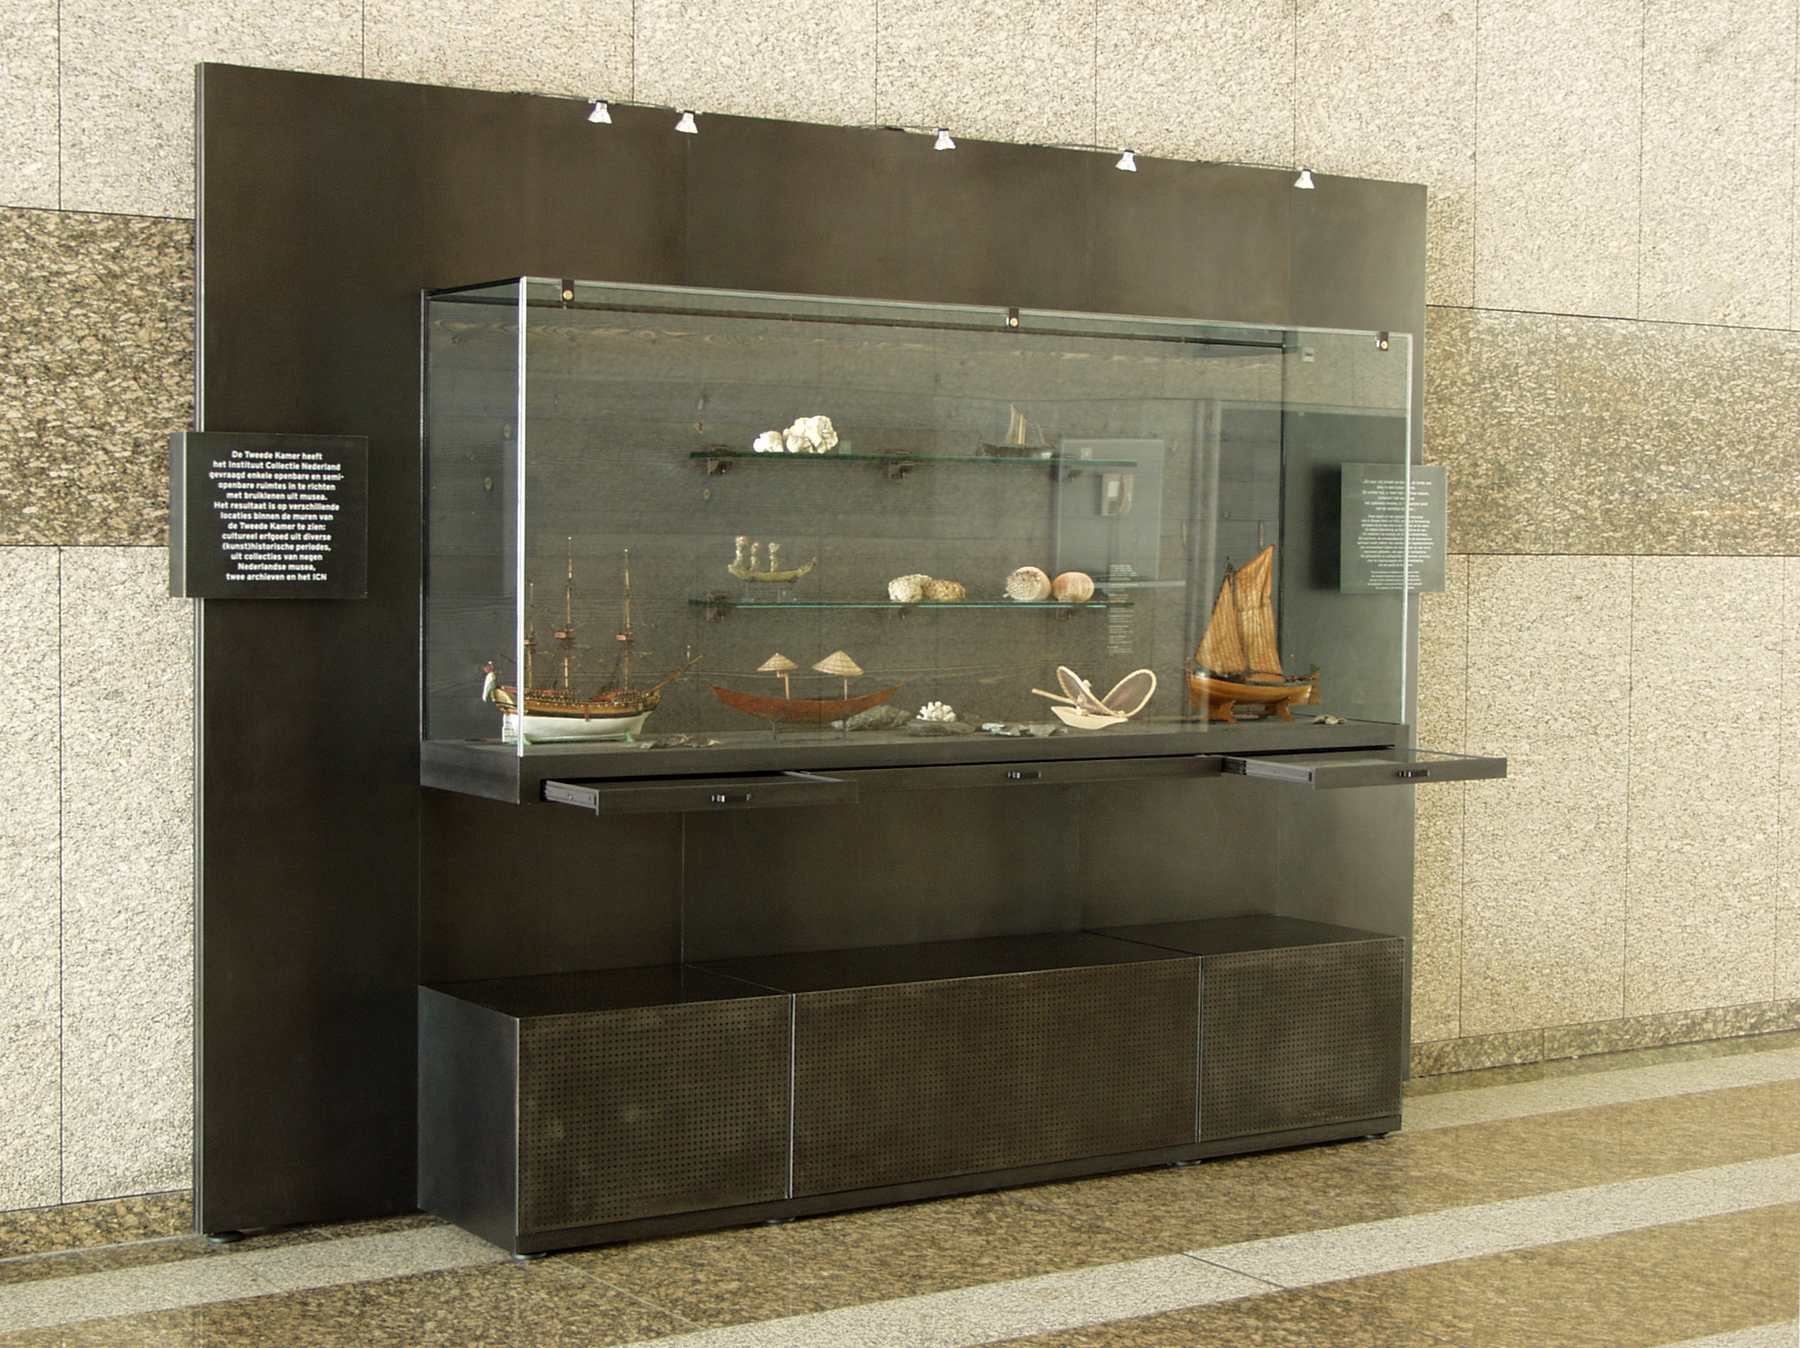 2001-vitrine-display-tweede-kamer-den-haag-03